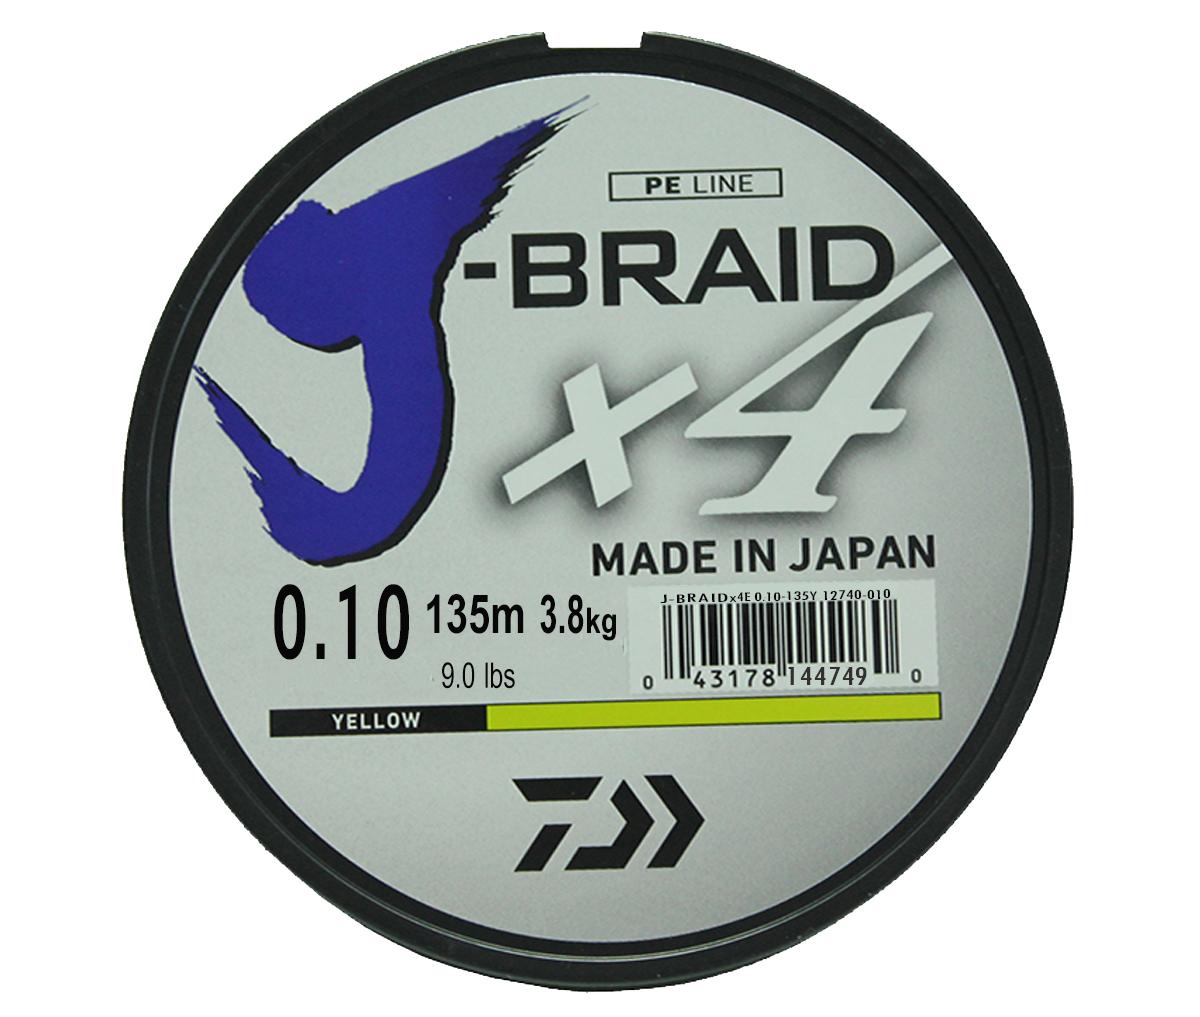 Леска плетеная DAIWA J-Braid X4 0,10мм 135 (флуор.-желтая)Леска плетеная<br>Новый 4х жильный шнур J-Braid, DAIWA - шнур высокого <br>класса с удивительным соотношением цены <br>и качества. Качество плетения полностью <br>соответствует японским стандартам и удовлетворяет <br>всем требованиям. Представленные диаметры <br>позволяют использовать шнур для всех техник <br>ловли, начиная от ultra- light ловли окуня, до <br>морской ловли палтуса, трески и т.д.<br>